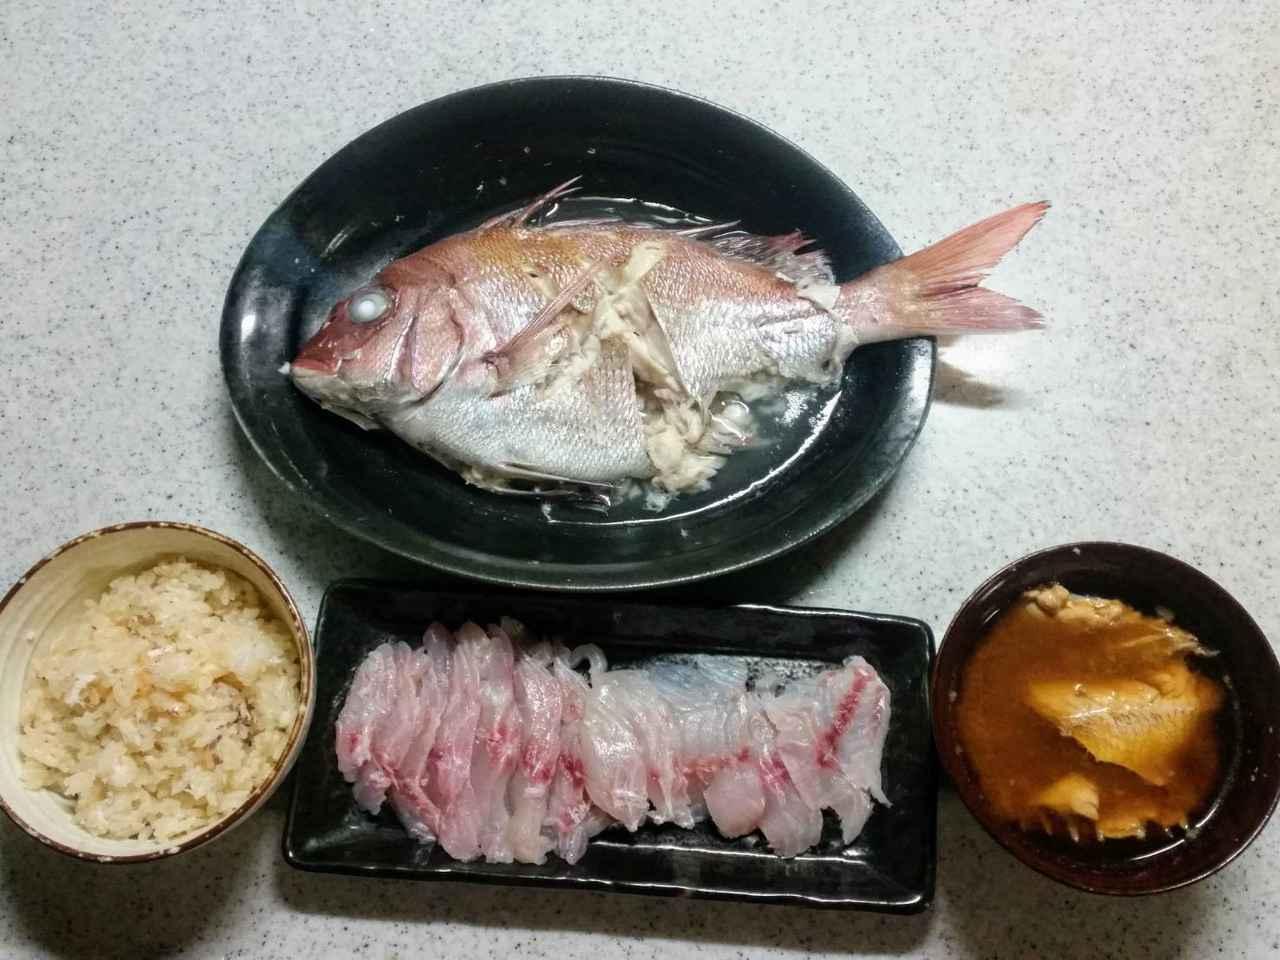 画像: 三徳包丁でさばいた鯛づくし料理。友人と一緒にいただきました